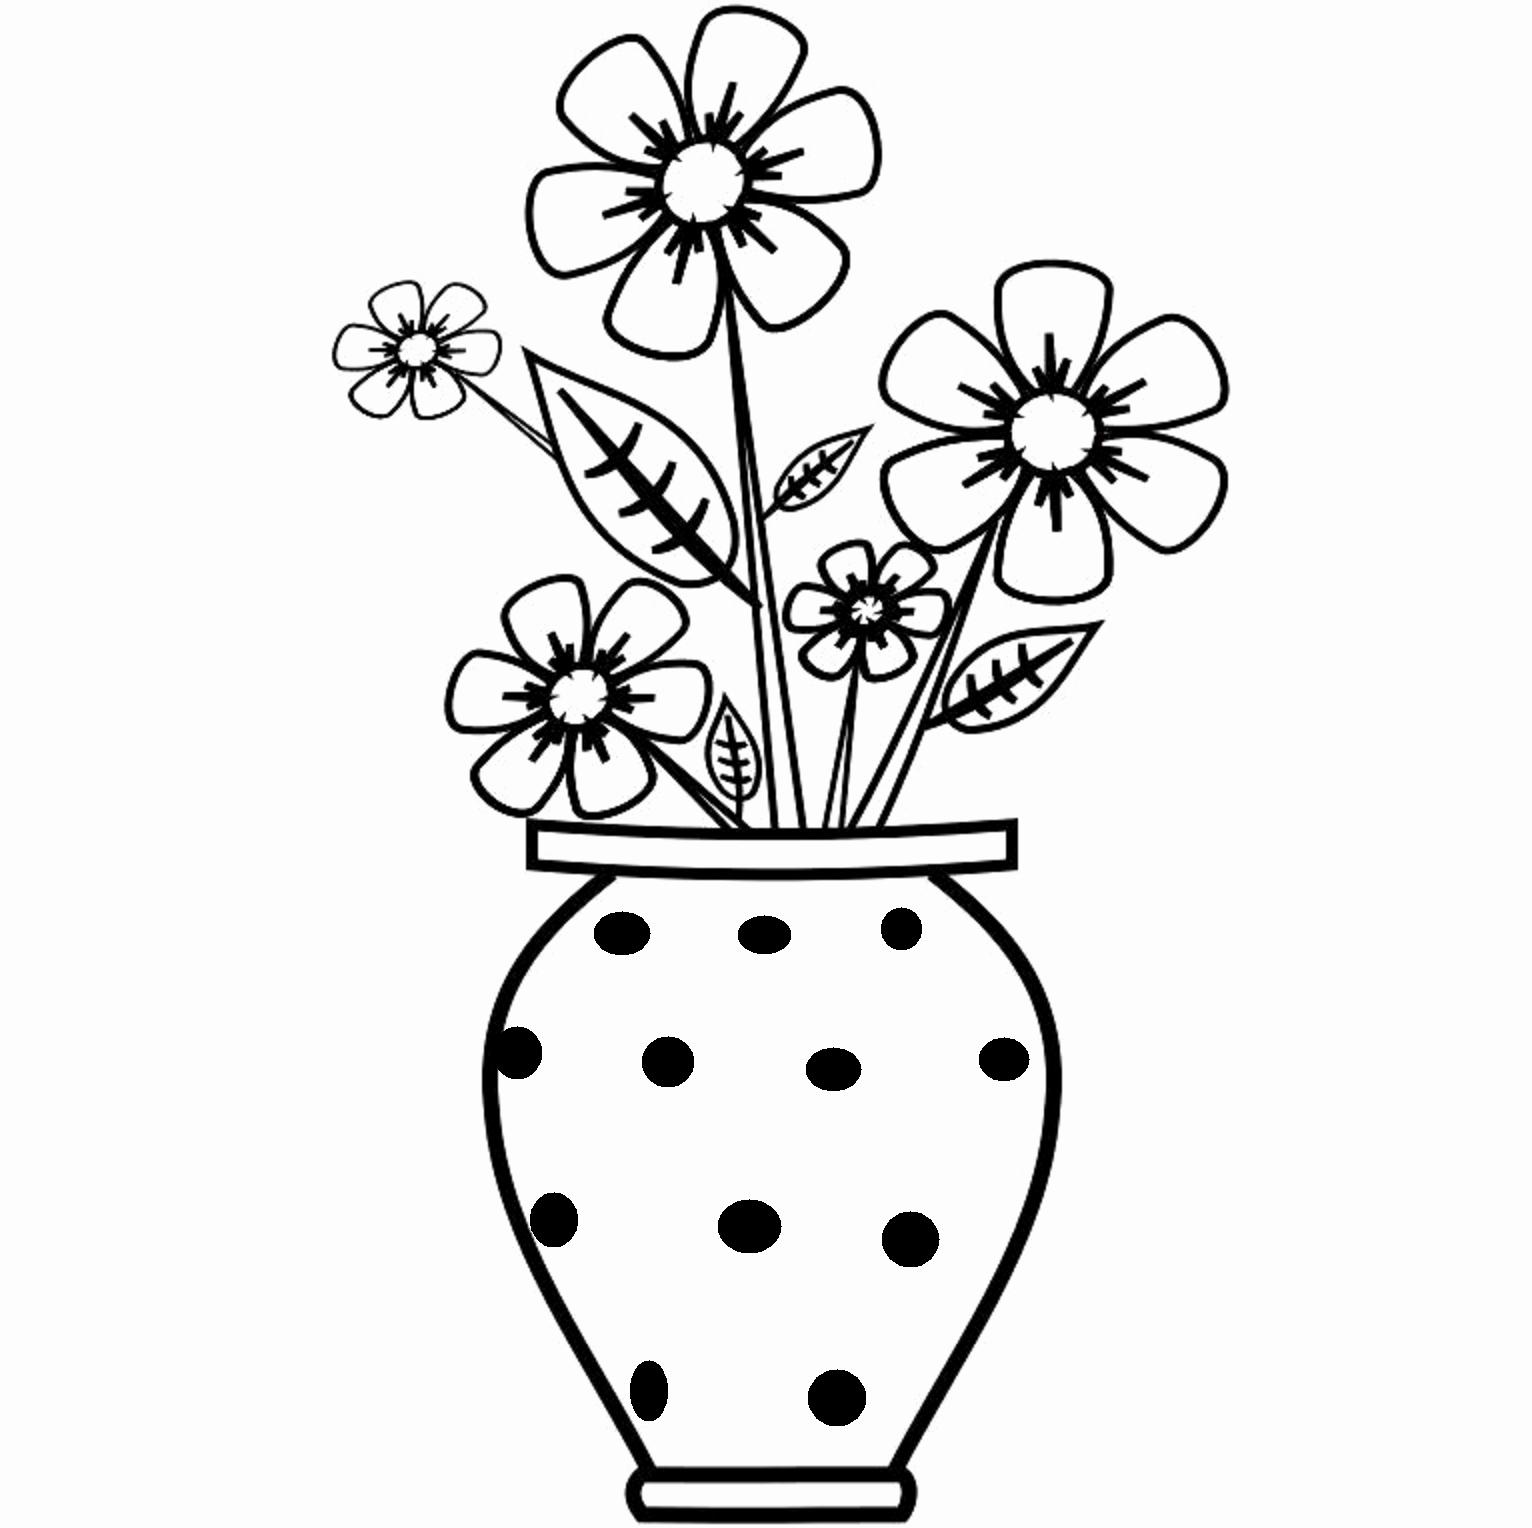 1532x1528 Sketch Of A Flower Vase